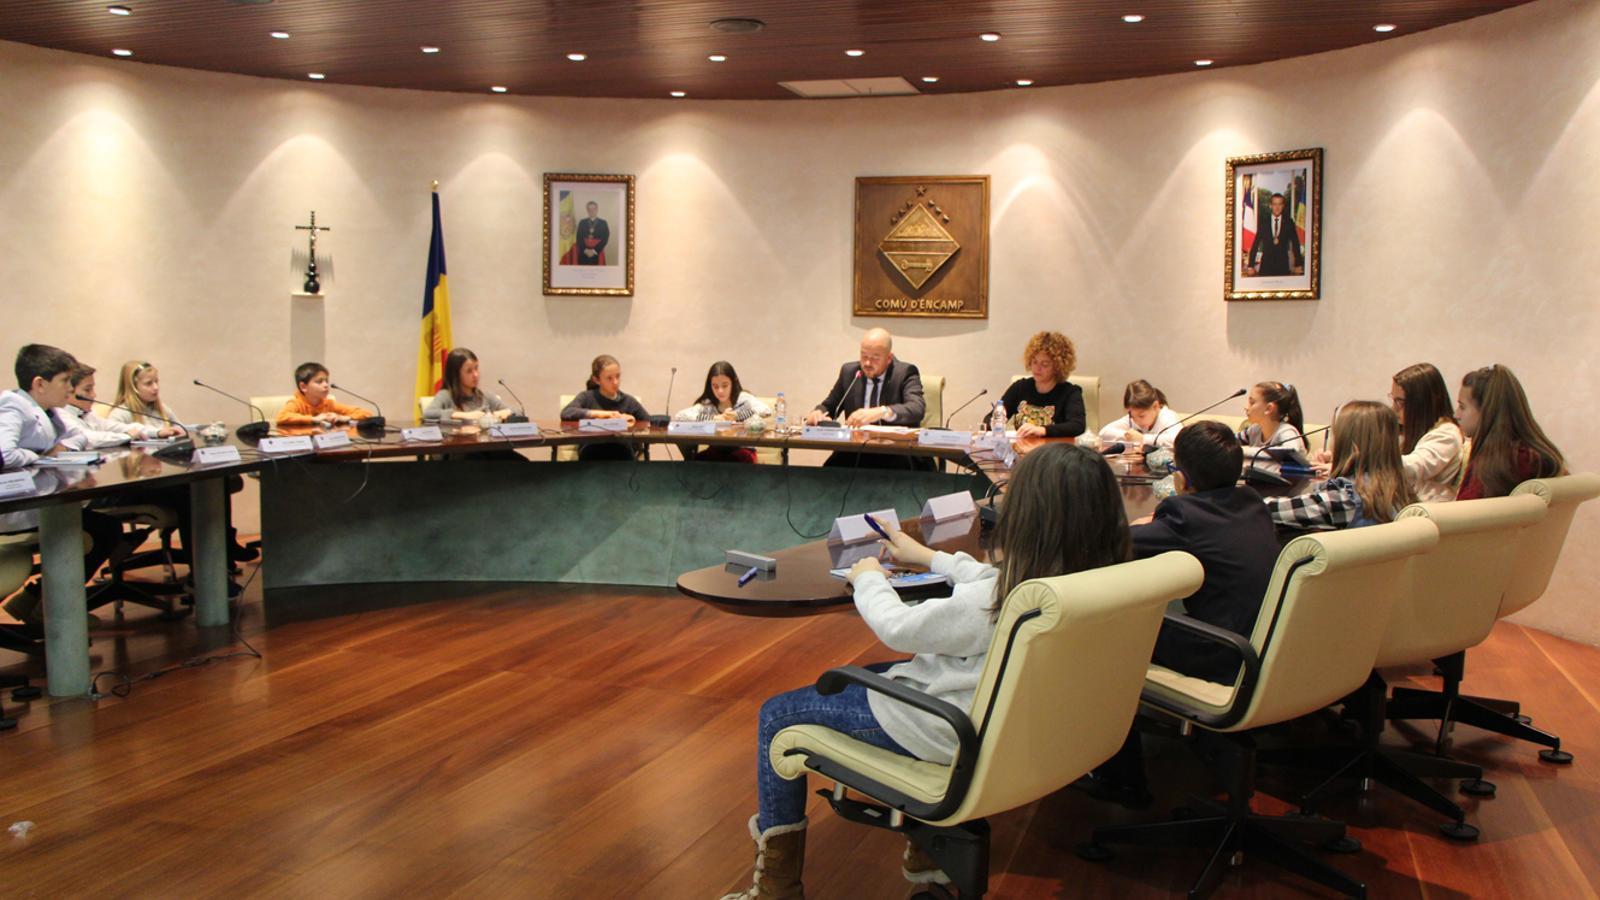 Un moment del consell d'infants d'Encamp, presidit pel cònsol major, Jordi Torres. / L. M. (ANA)